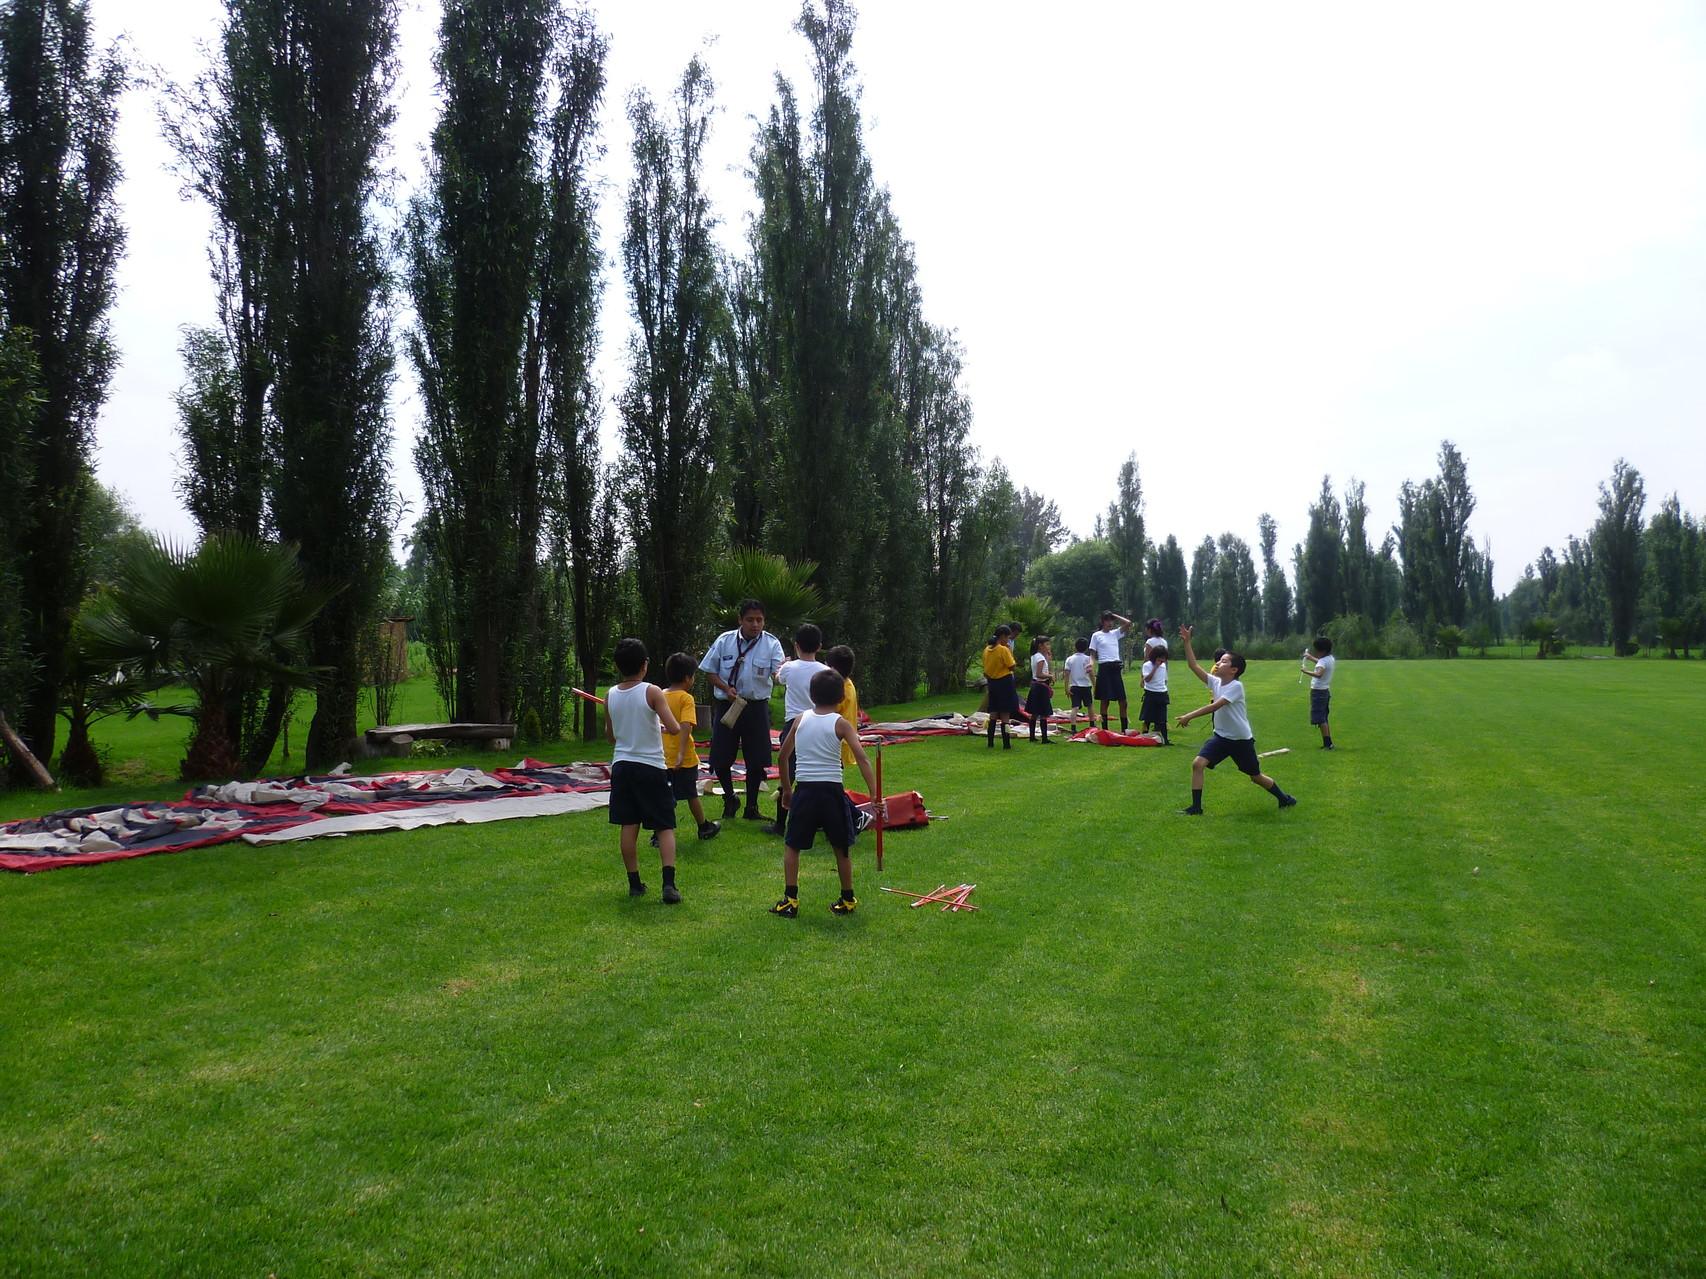 Scouts preparando el campamento.